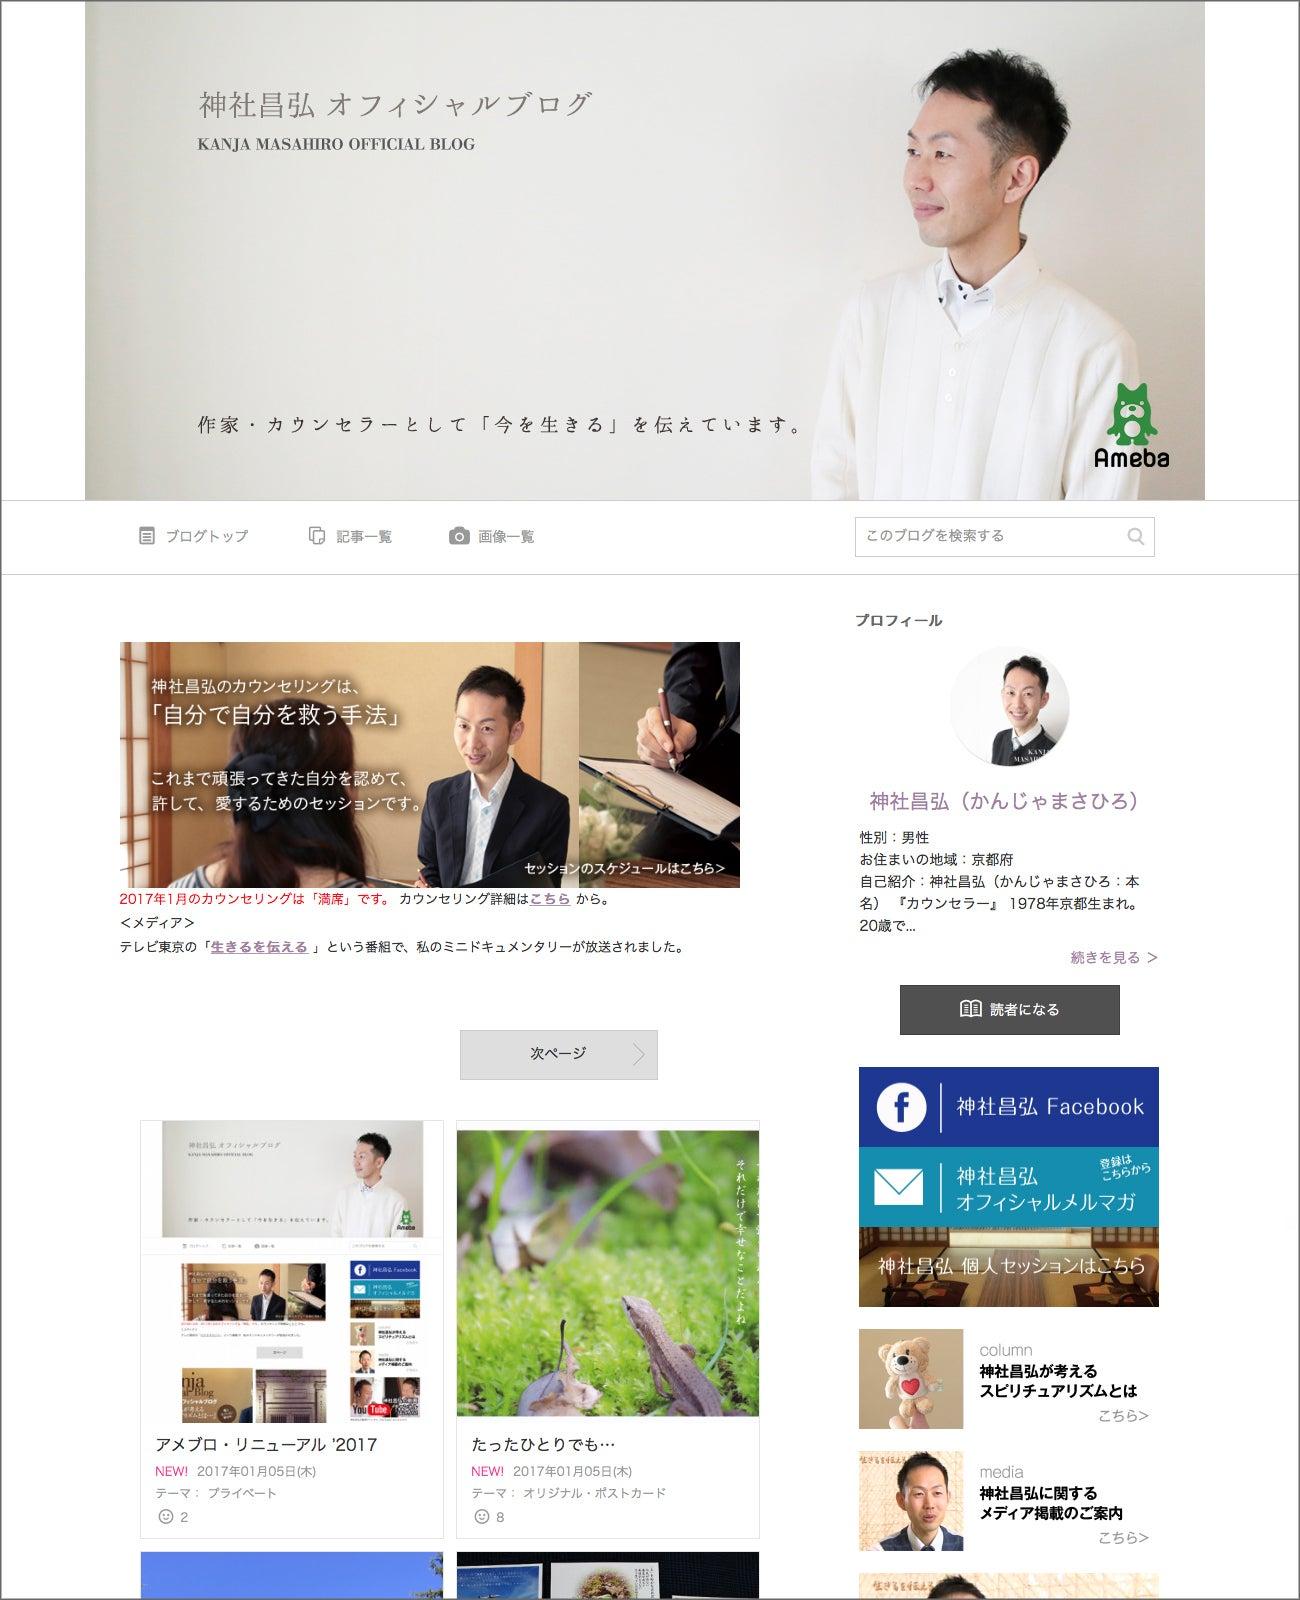 神社昌弘さまブログ